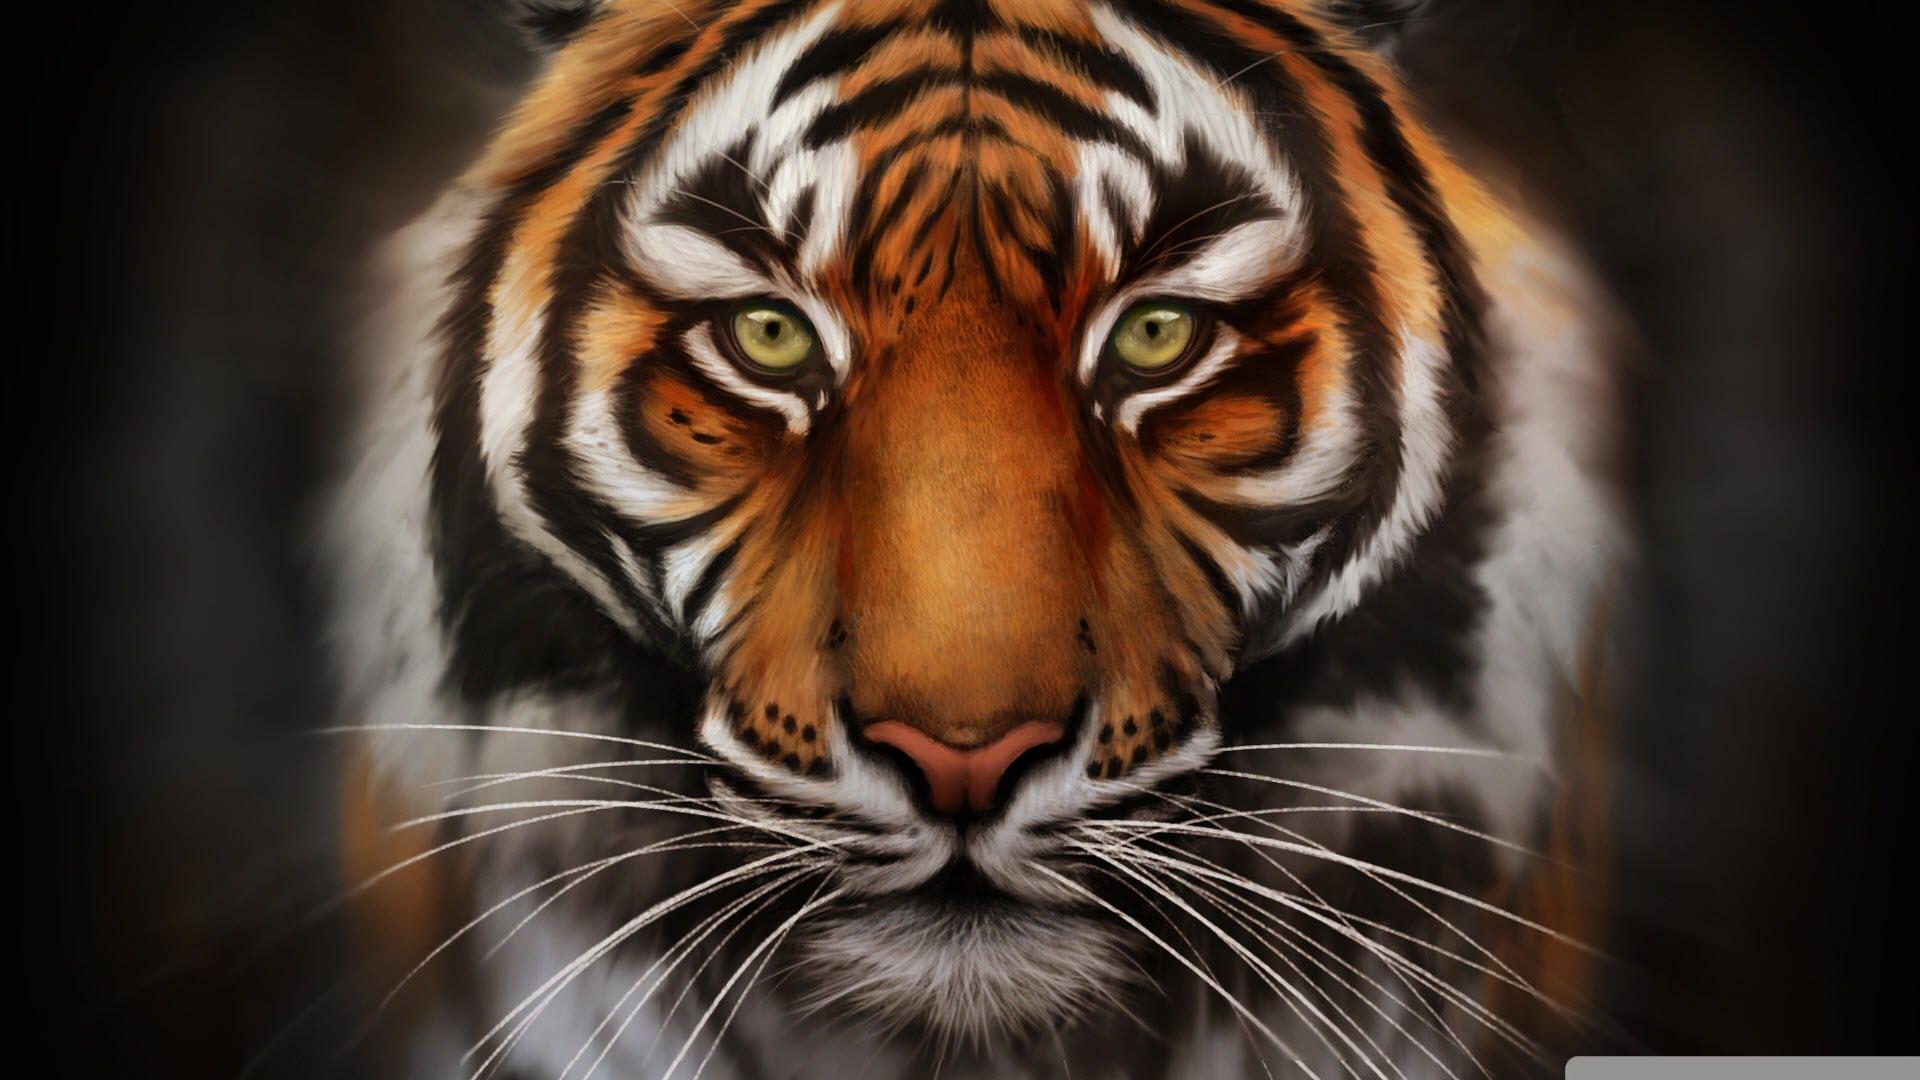 Hình ảnh con hổ cực đẹp